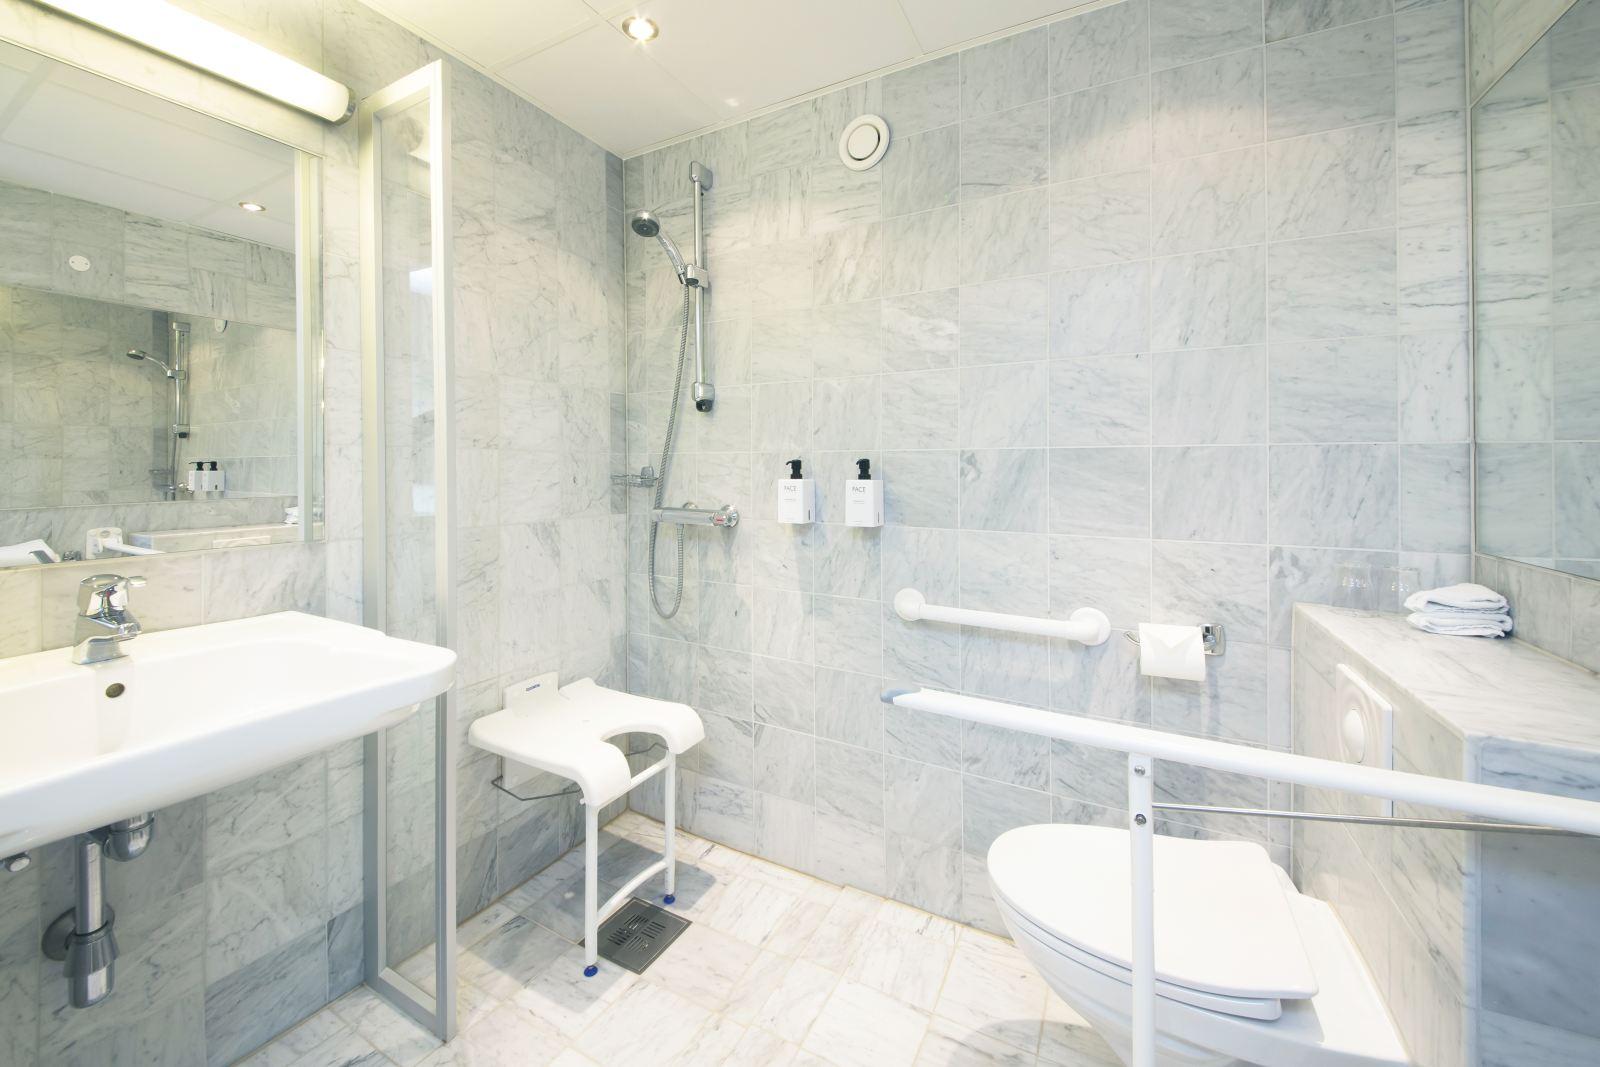 Camere Di Hotel Per Disabili In Carrozzina Buone Norme E Consigli